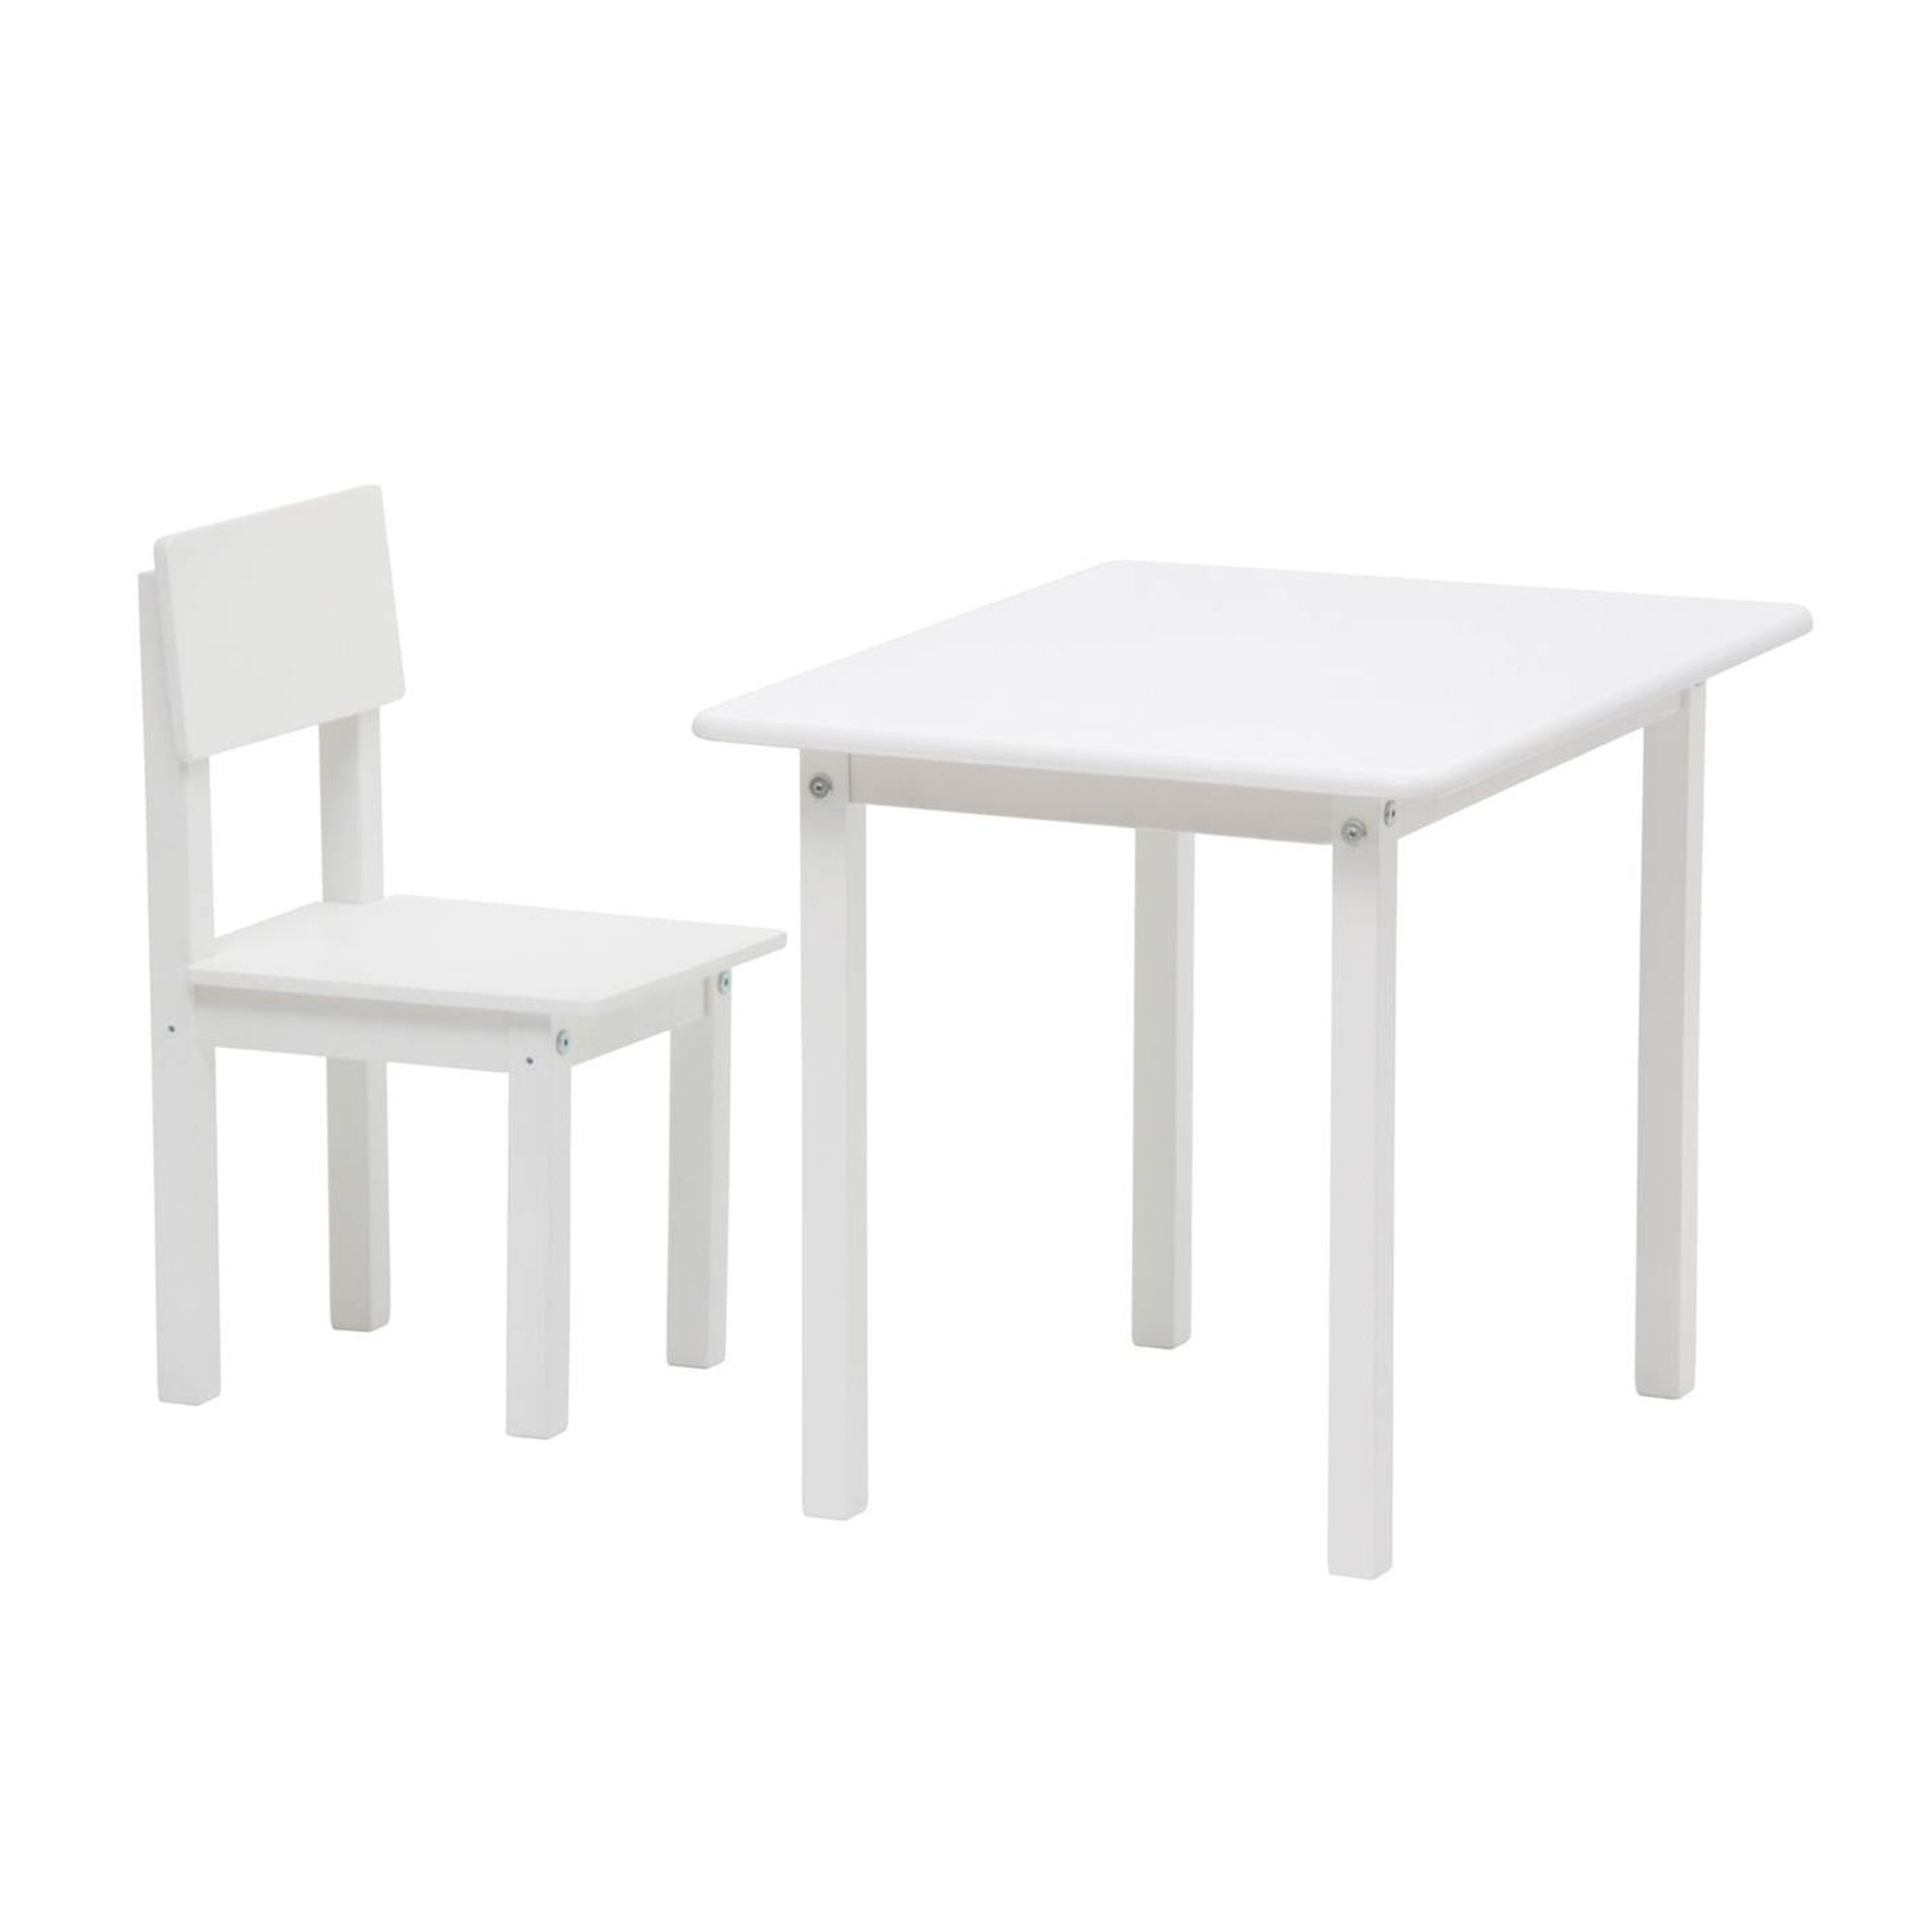 Фото - Комплект детской мебели Polini kids Simple 105 S, белый аксессуары для детской комнаты polini полка книжная simple nordic